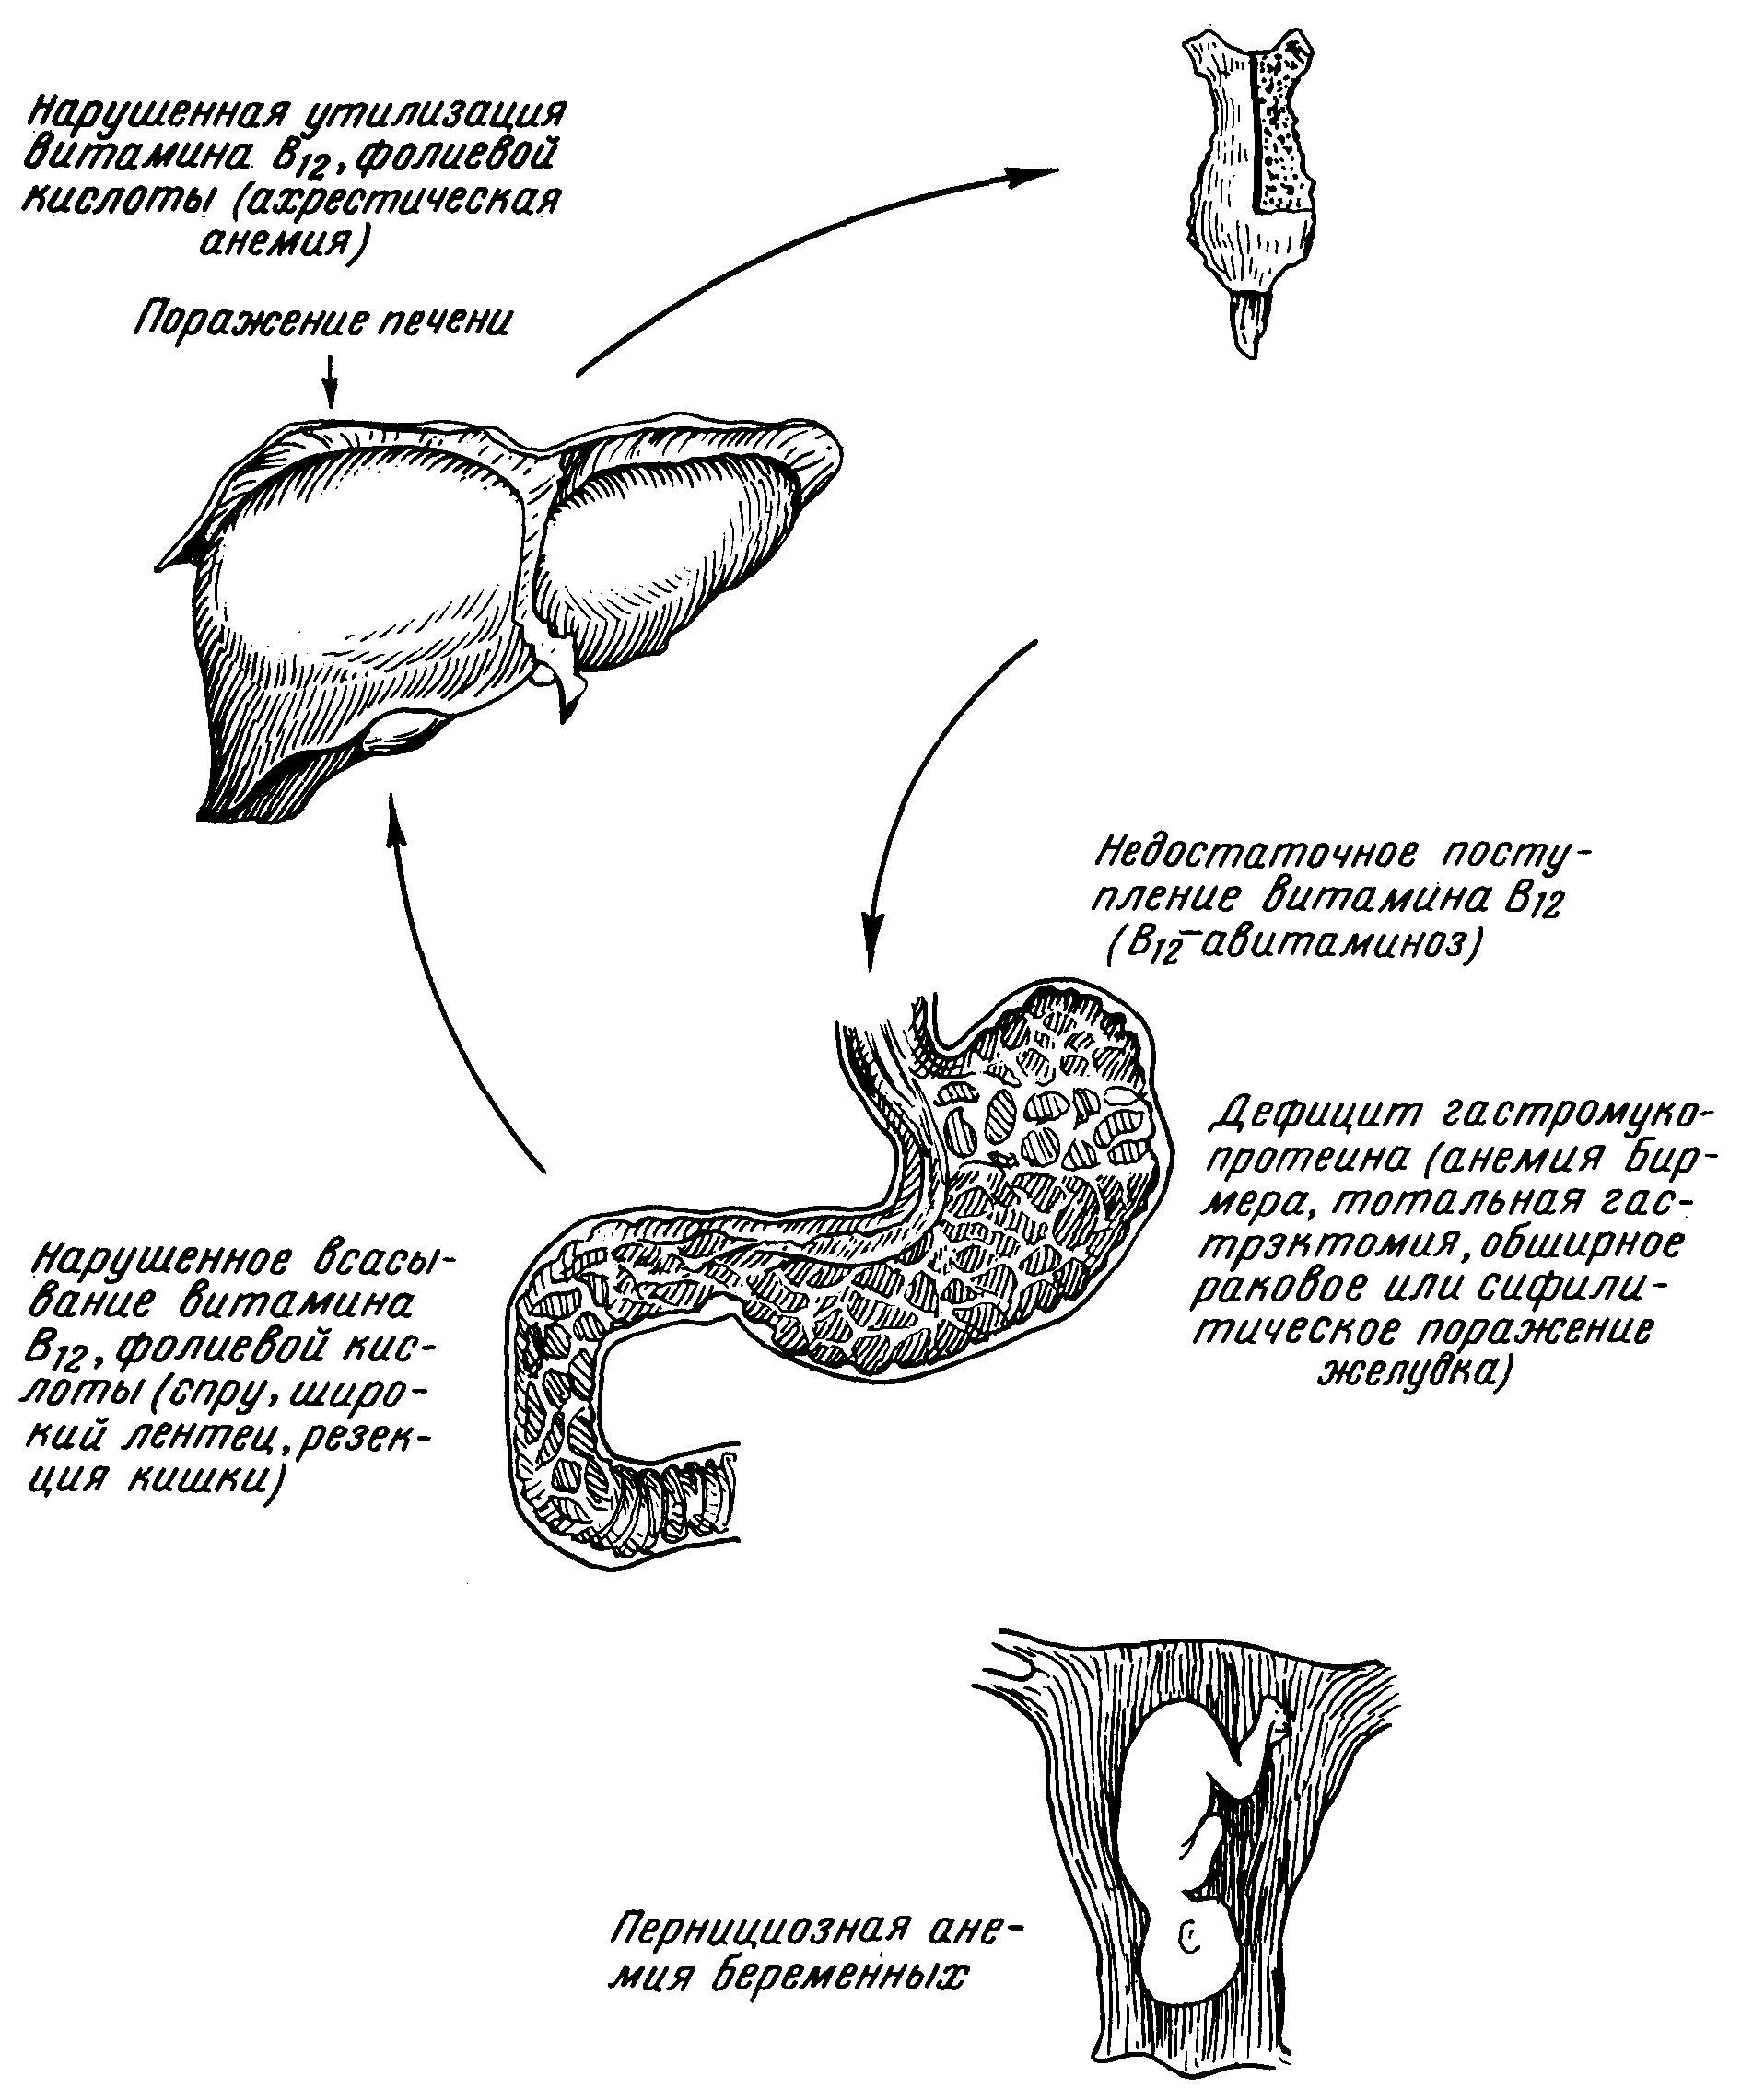 Пернициозная анемия: симптомы и лечение B12-дефицитной анемии